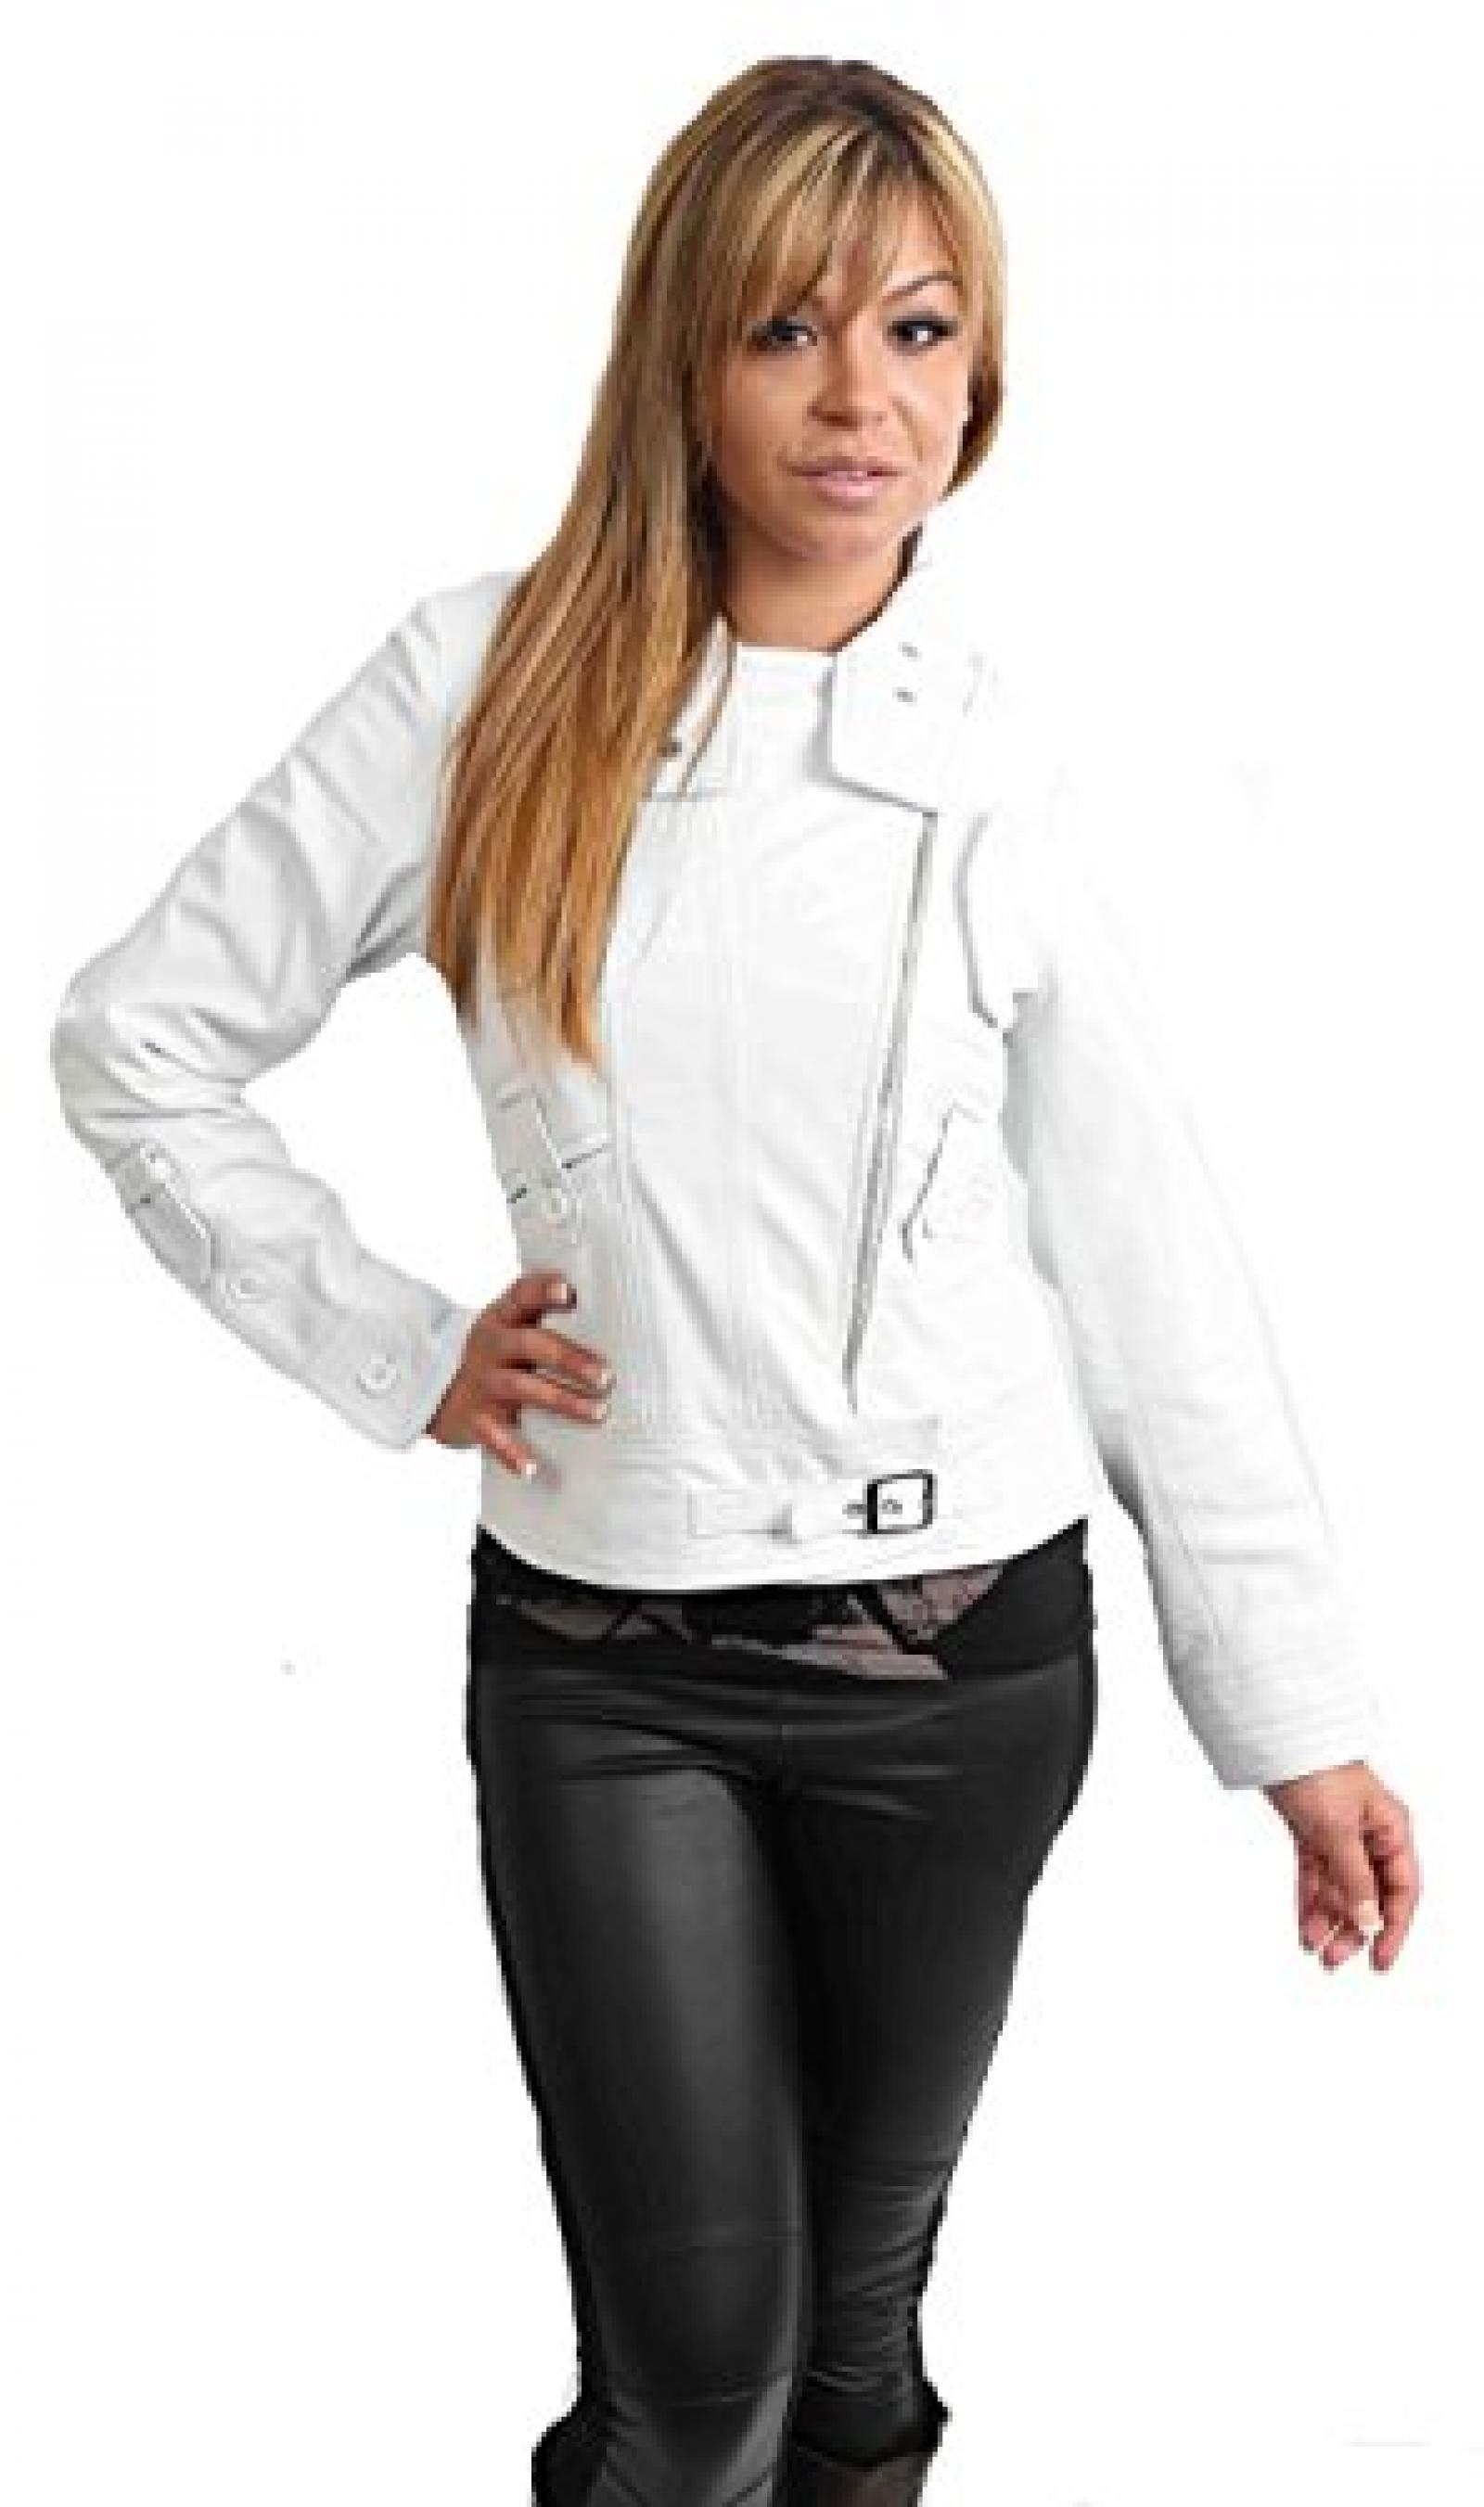 NEU AKTUELLE Damen Biker Lederjacke für Frauen HETTY weiß